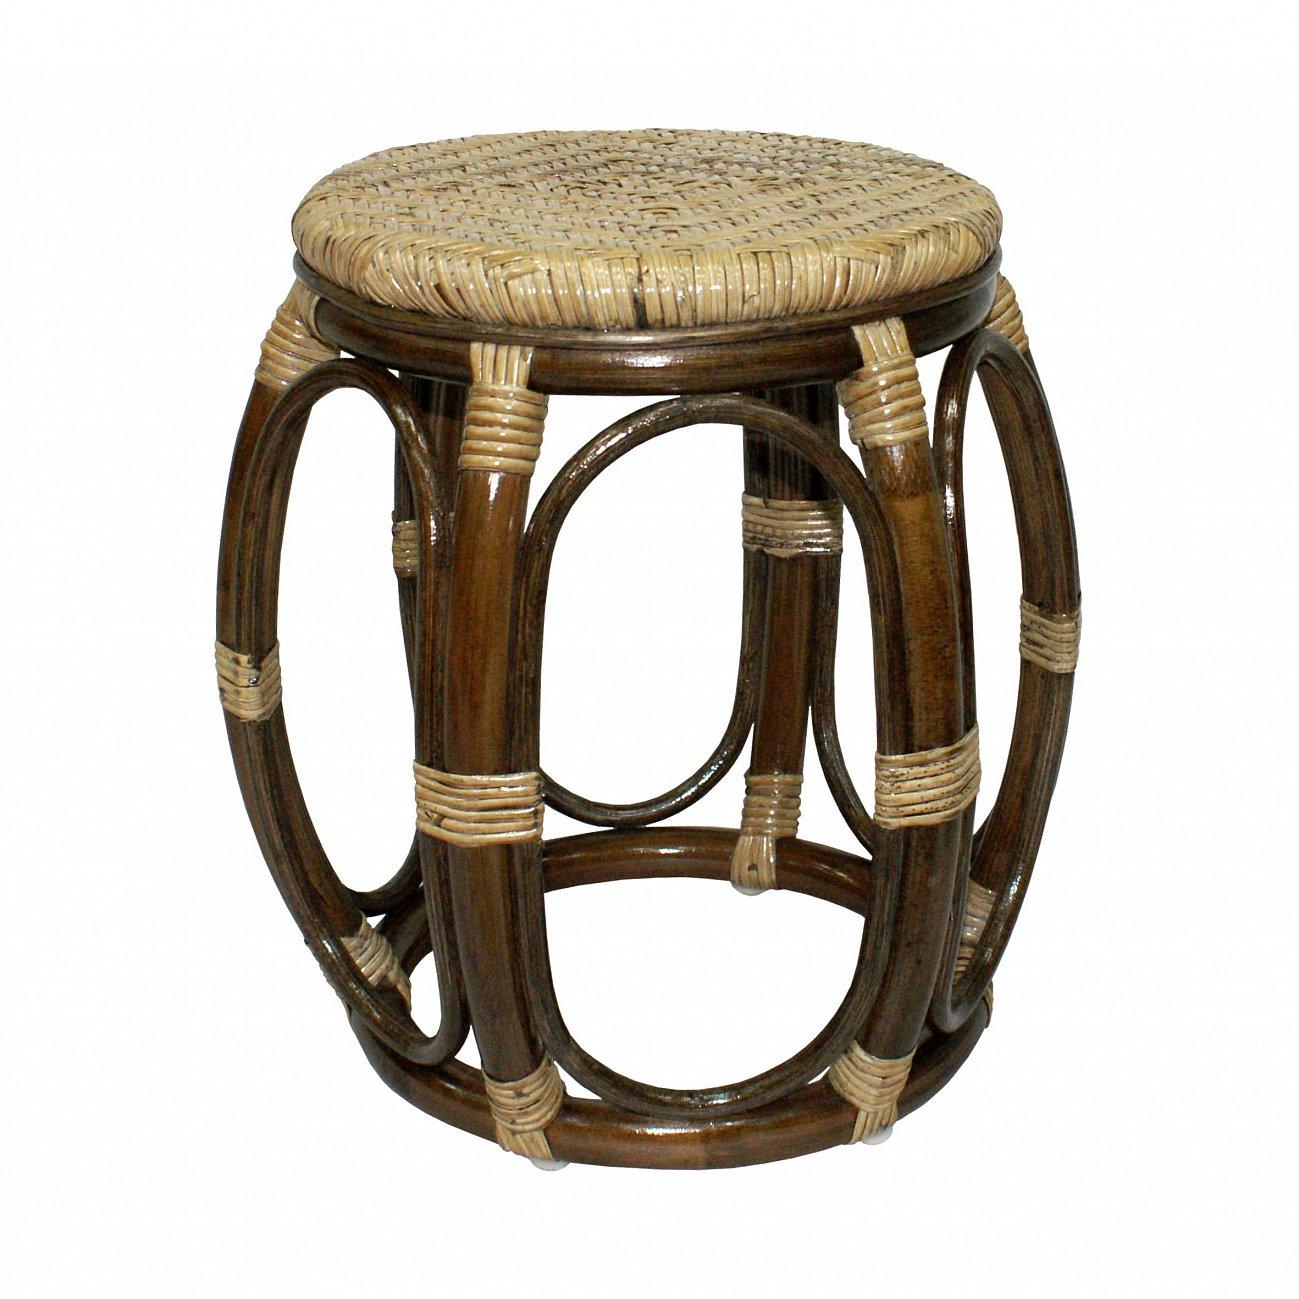 Купить Табурет из ротанга Drum в интернет магазине дизайнерской мебели и аксессуаров для дома и дачи